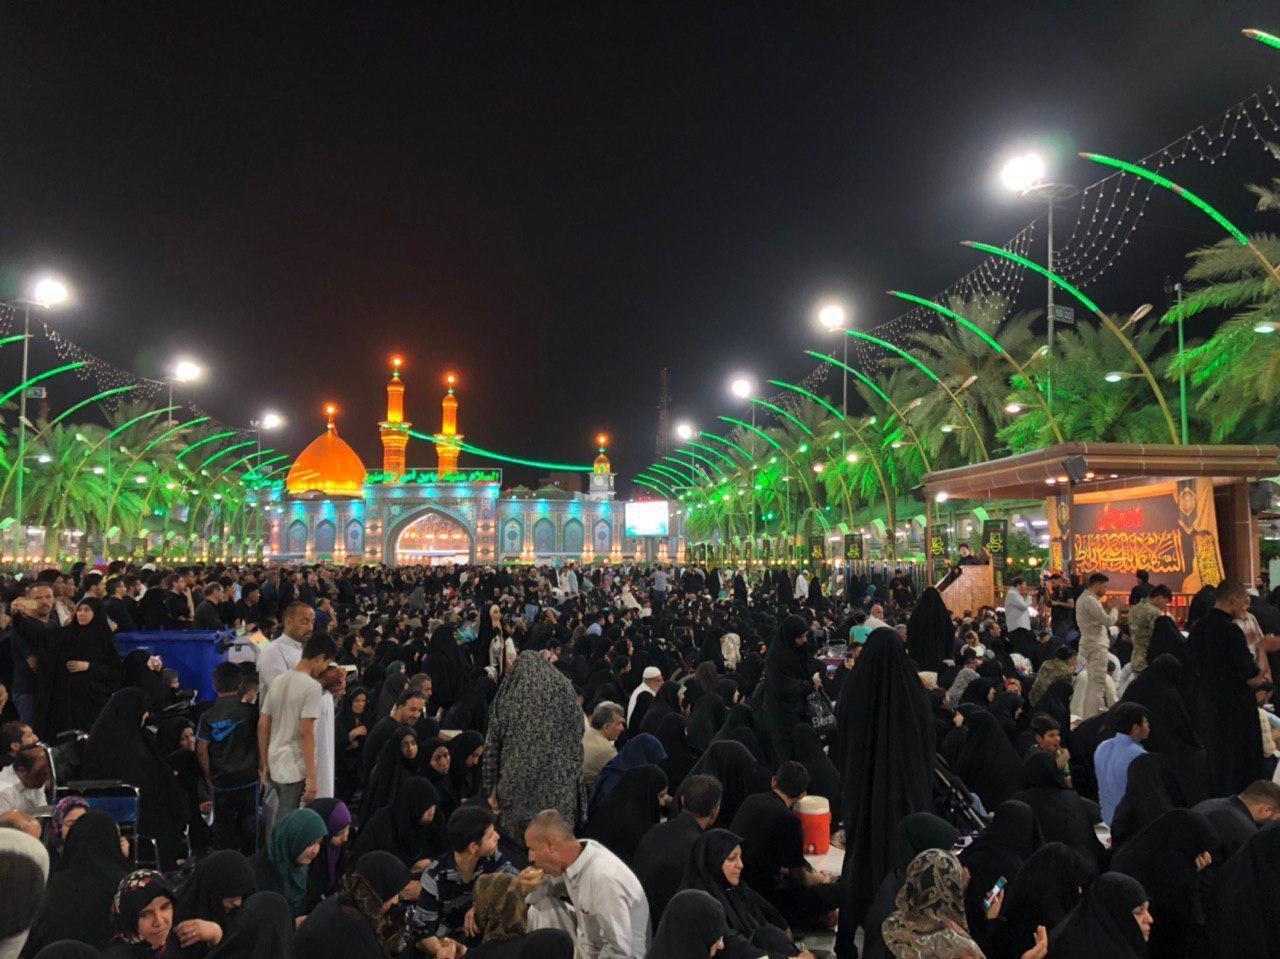 صورة مجموعة الامام الحسين الاعلامية تختتم مجلسها العزائي في منطقة ما بين الحرمين الشريفين في كربلاء المقدسة  (صور)